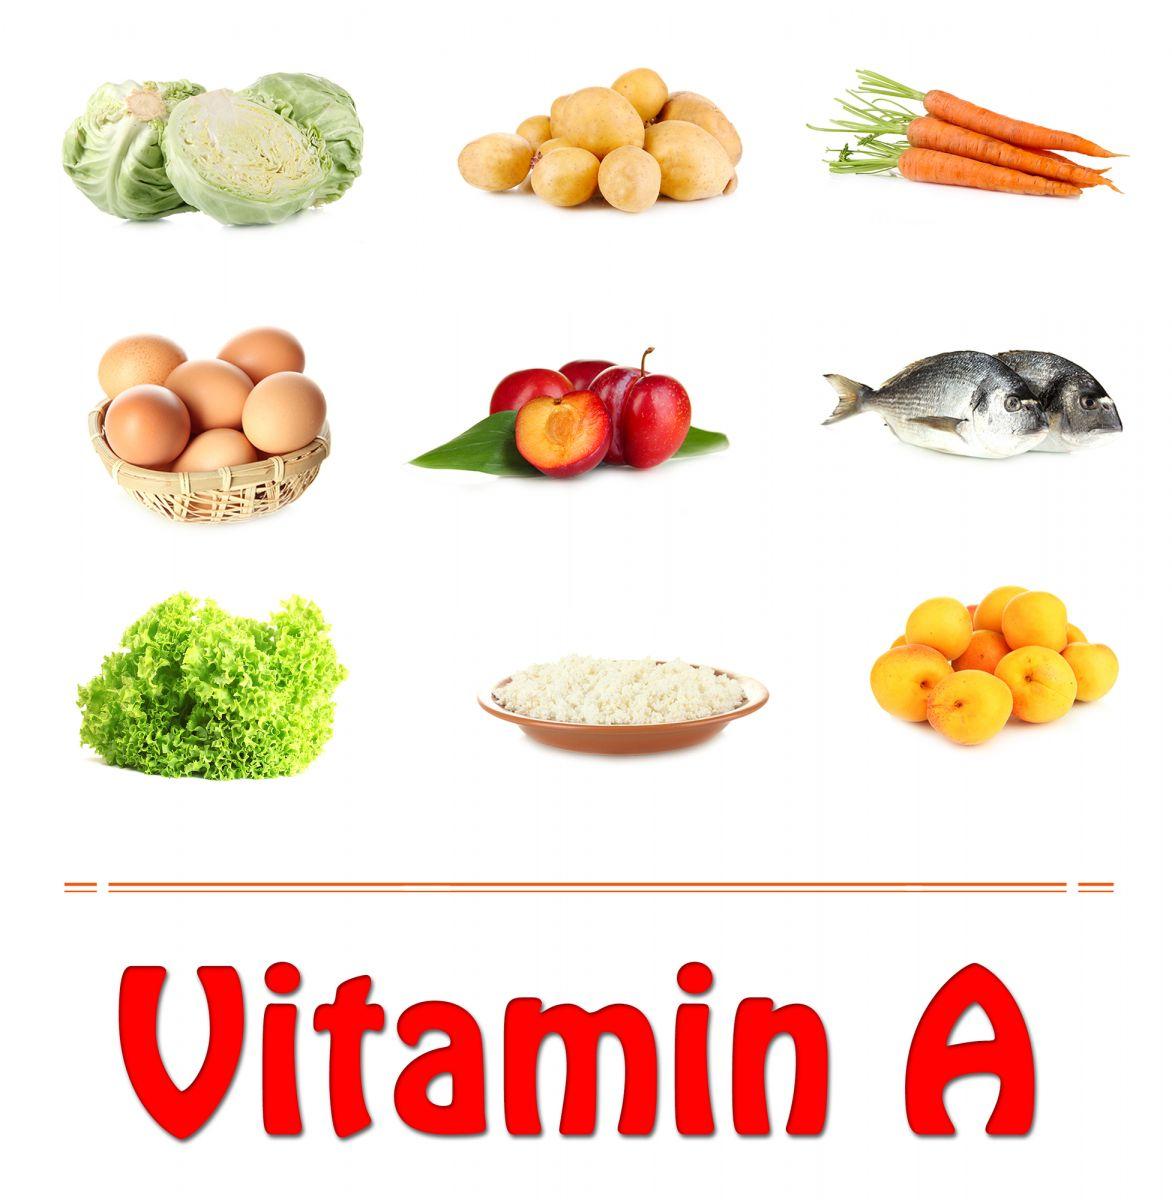 расскажите, продукты в которых много витамина а в картинках самых простых